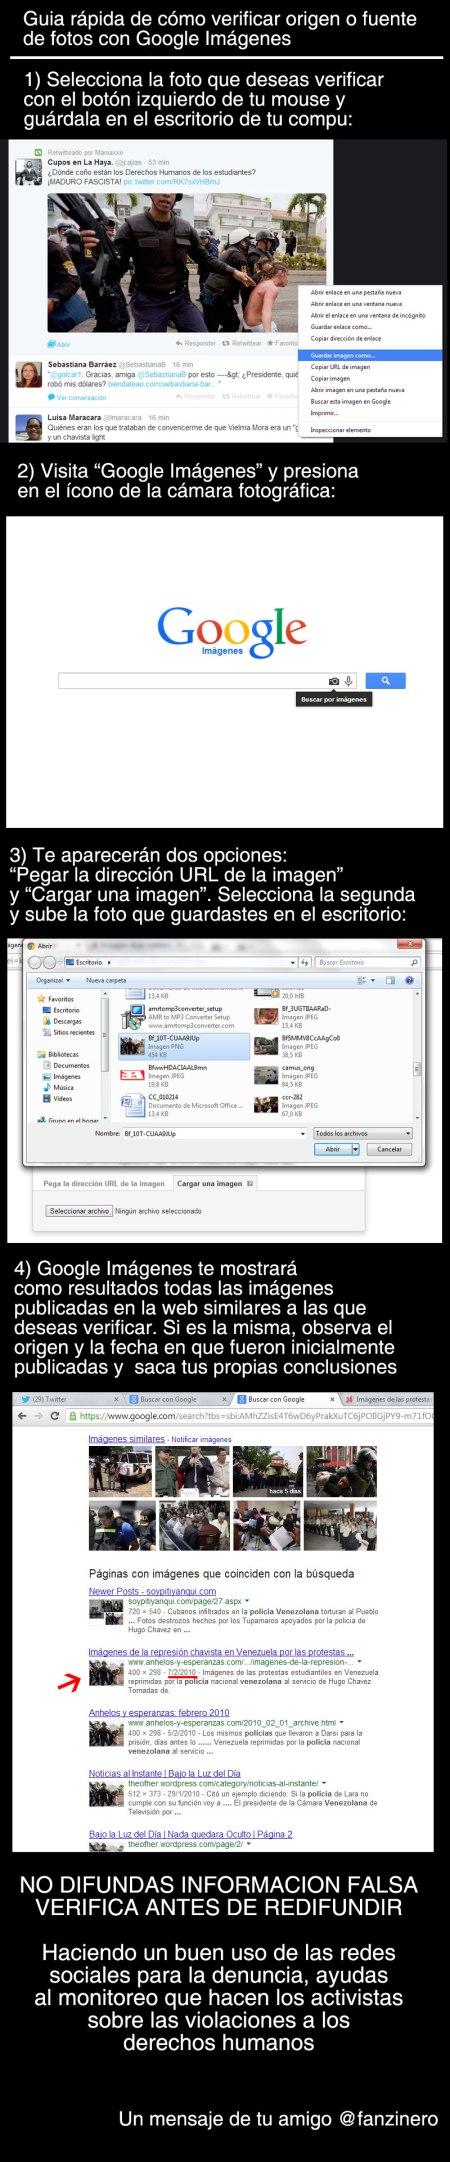 """Guía rápida para verificar origen de fotos usando """"Google imágenes"""""""